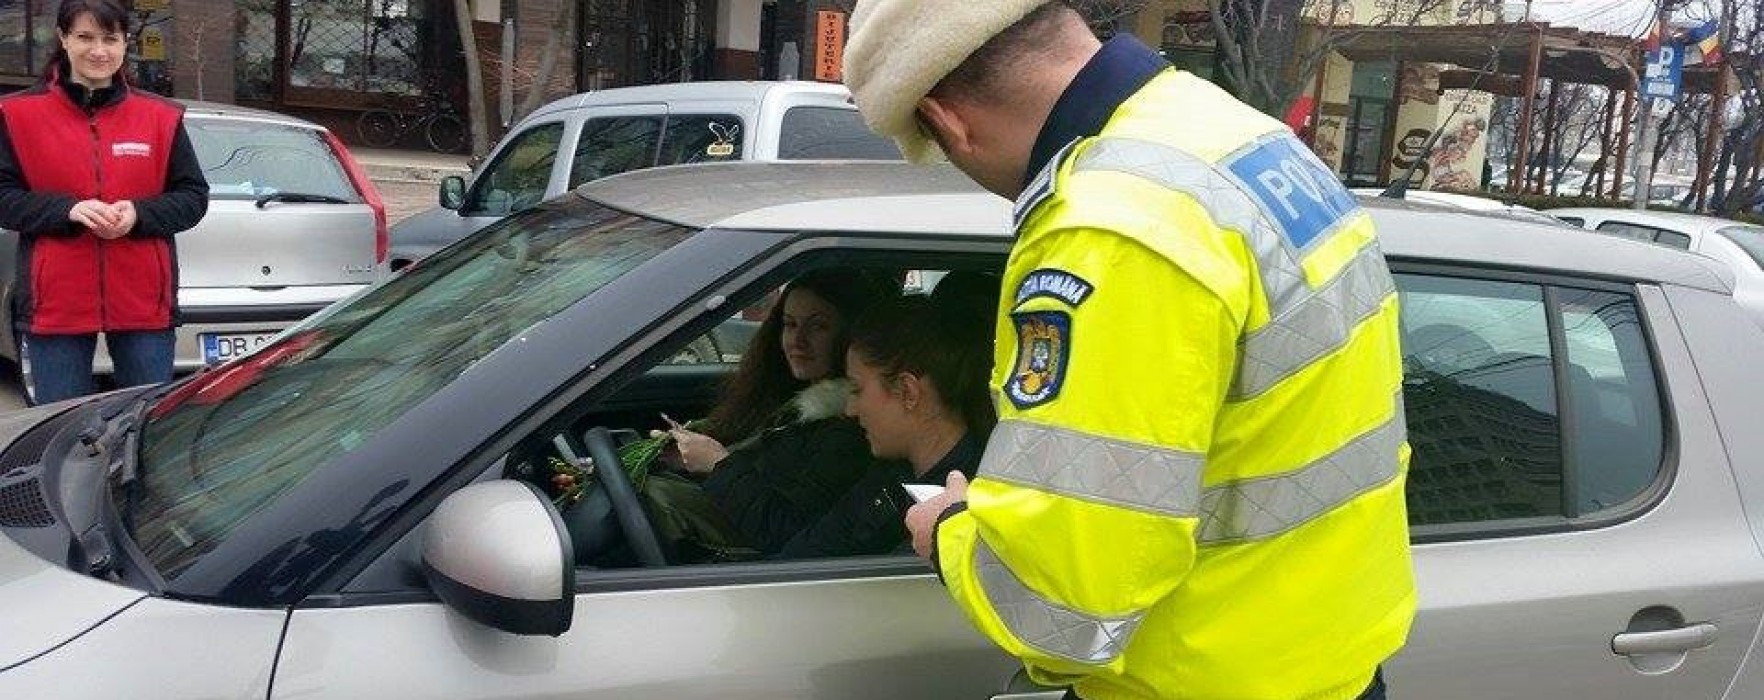 Poliţiştii dâmboviţeni au oferit flori şoferiţelor, pe 1 martie